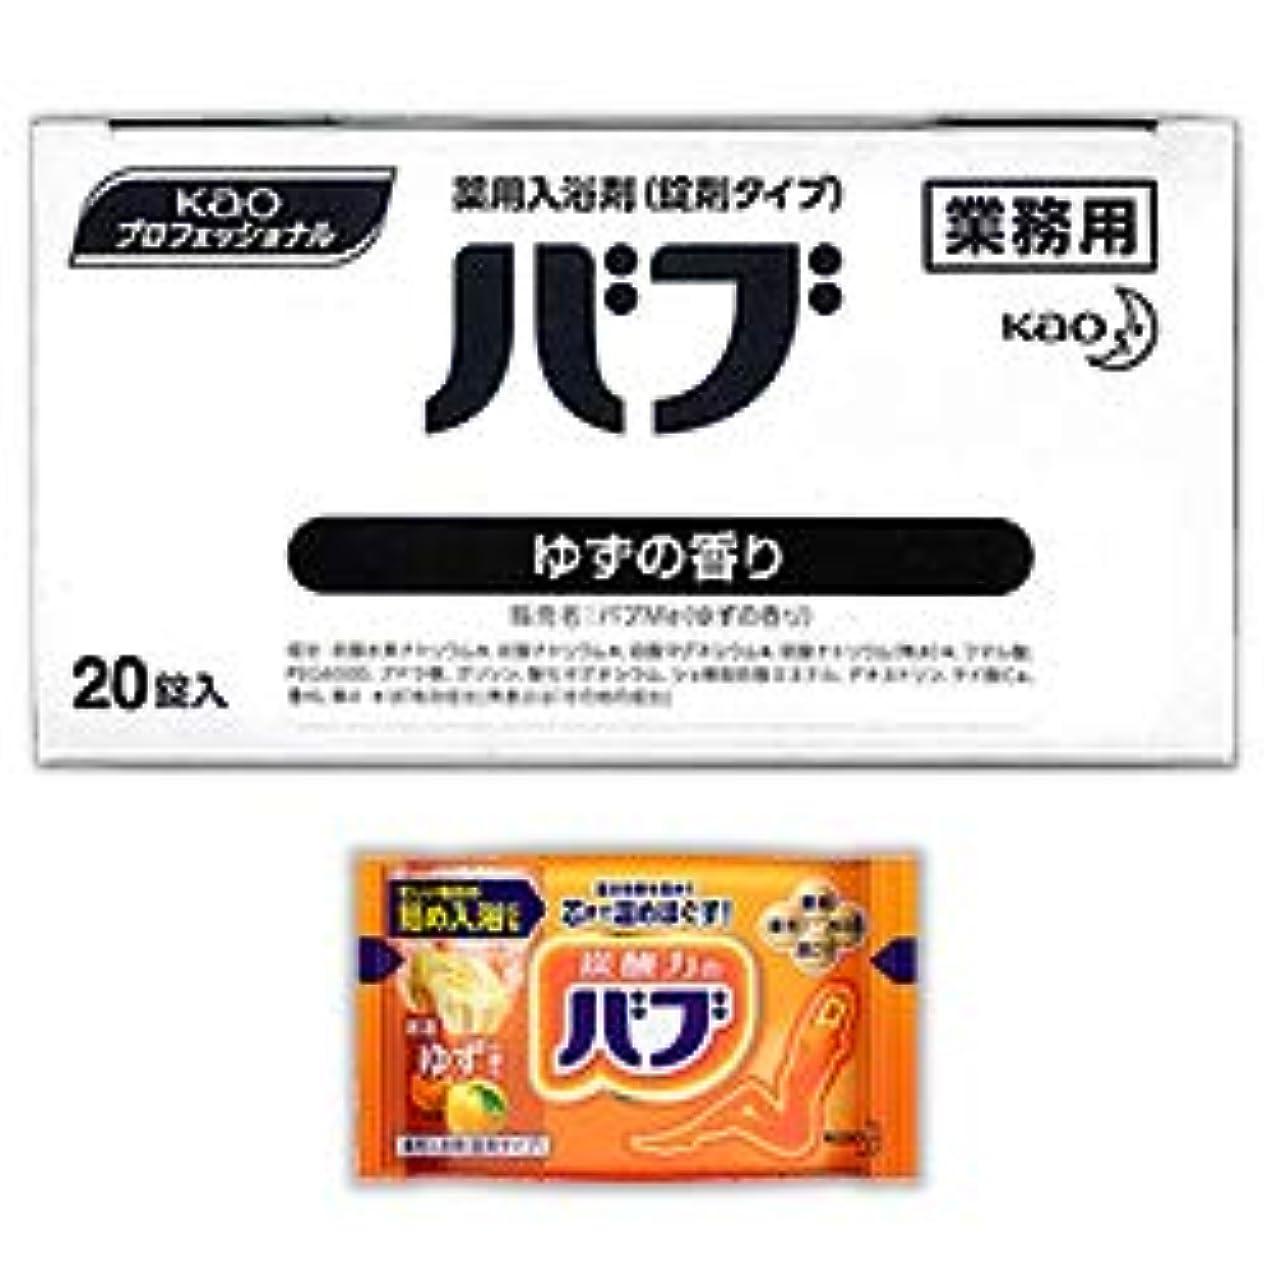 頬骨北方湿気の多い【花王】Kaoプロフェッショナル バブ ゆずの香り(業務用) 40g×20錠入 ×4個セット